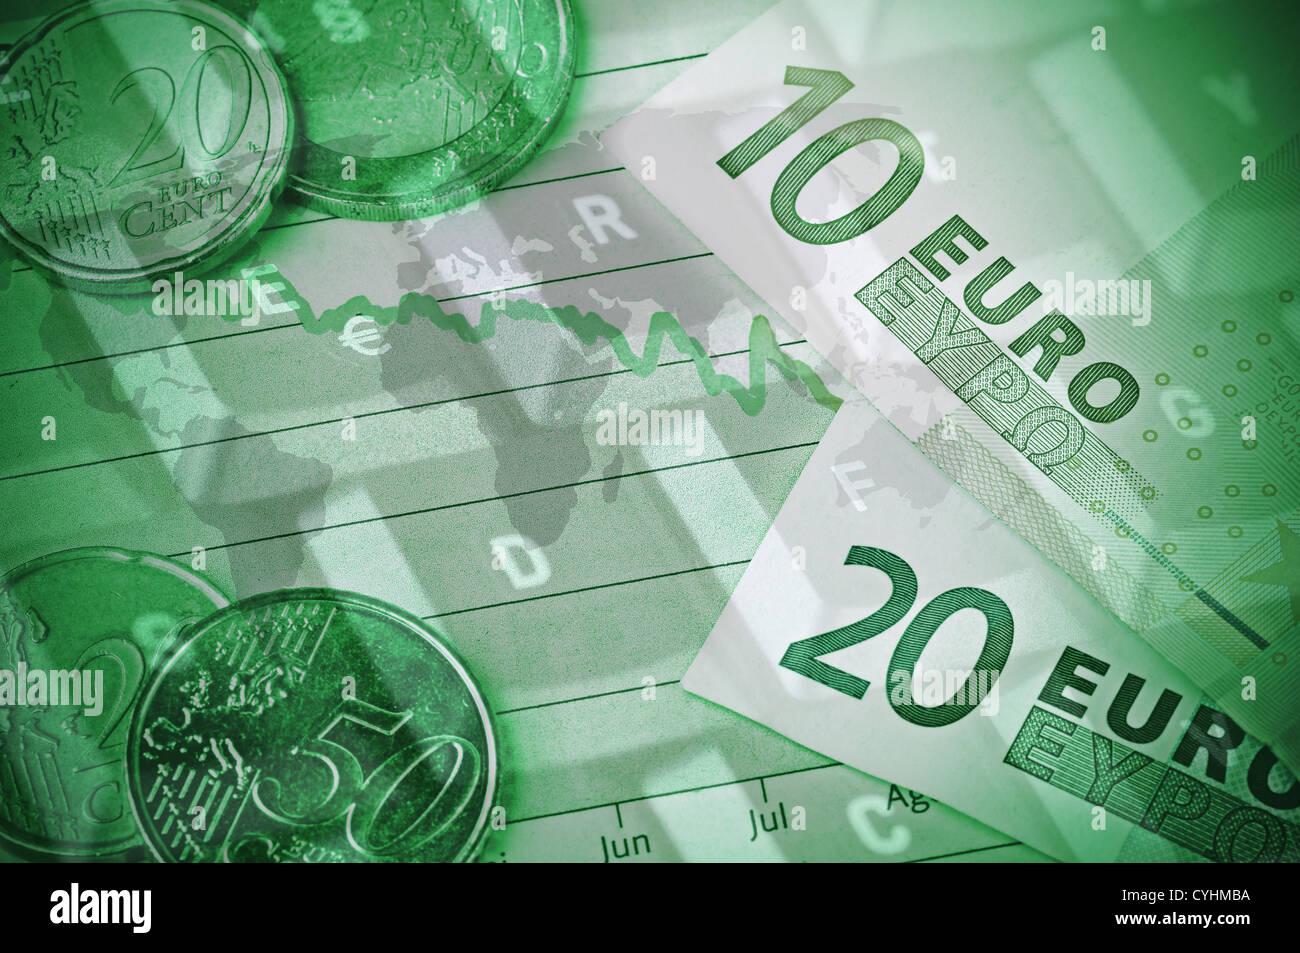 Un paio di banconote e monete sulla parte superiore di un grafico insieme con una mappa del mondo e di una tastiera Immagini Stock